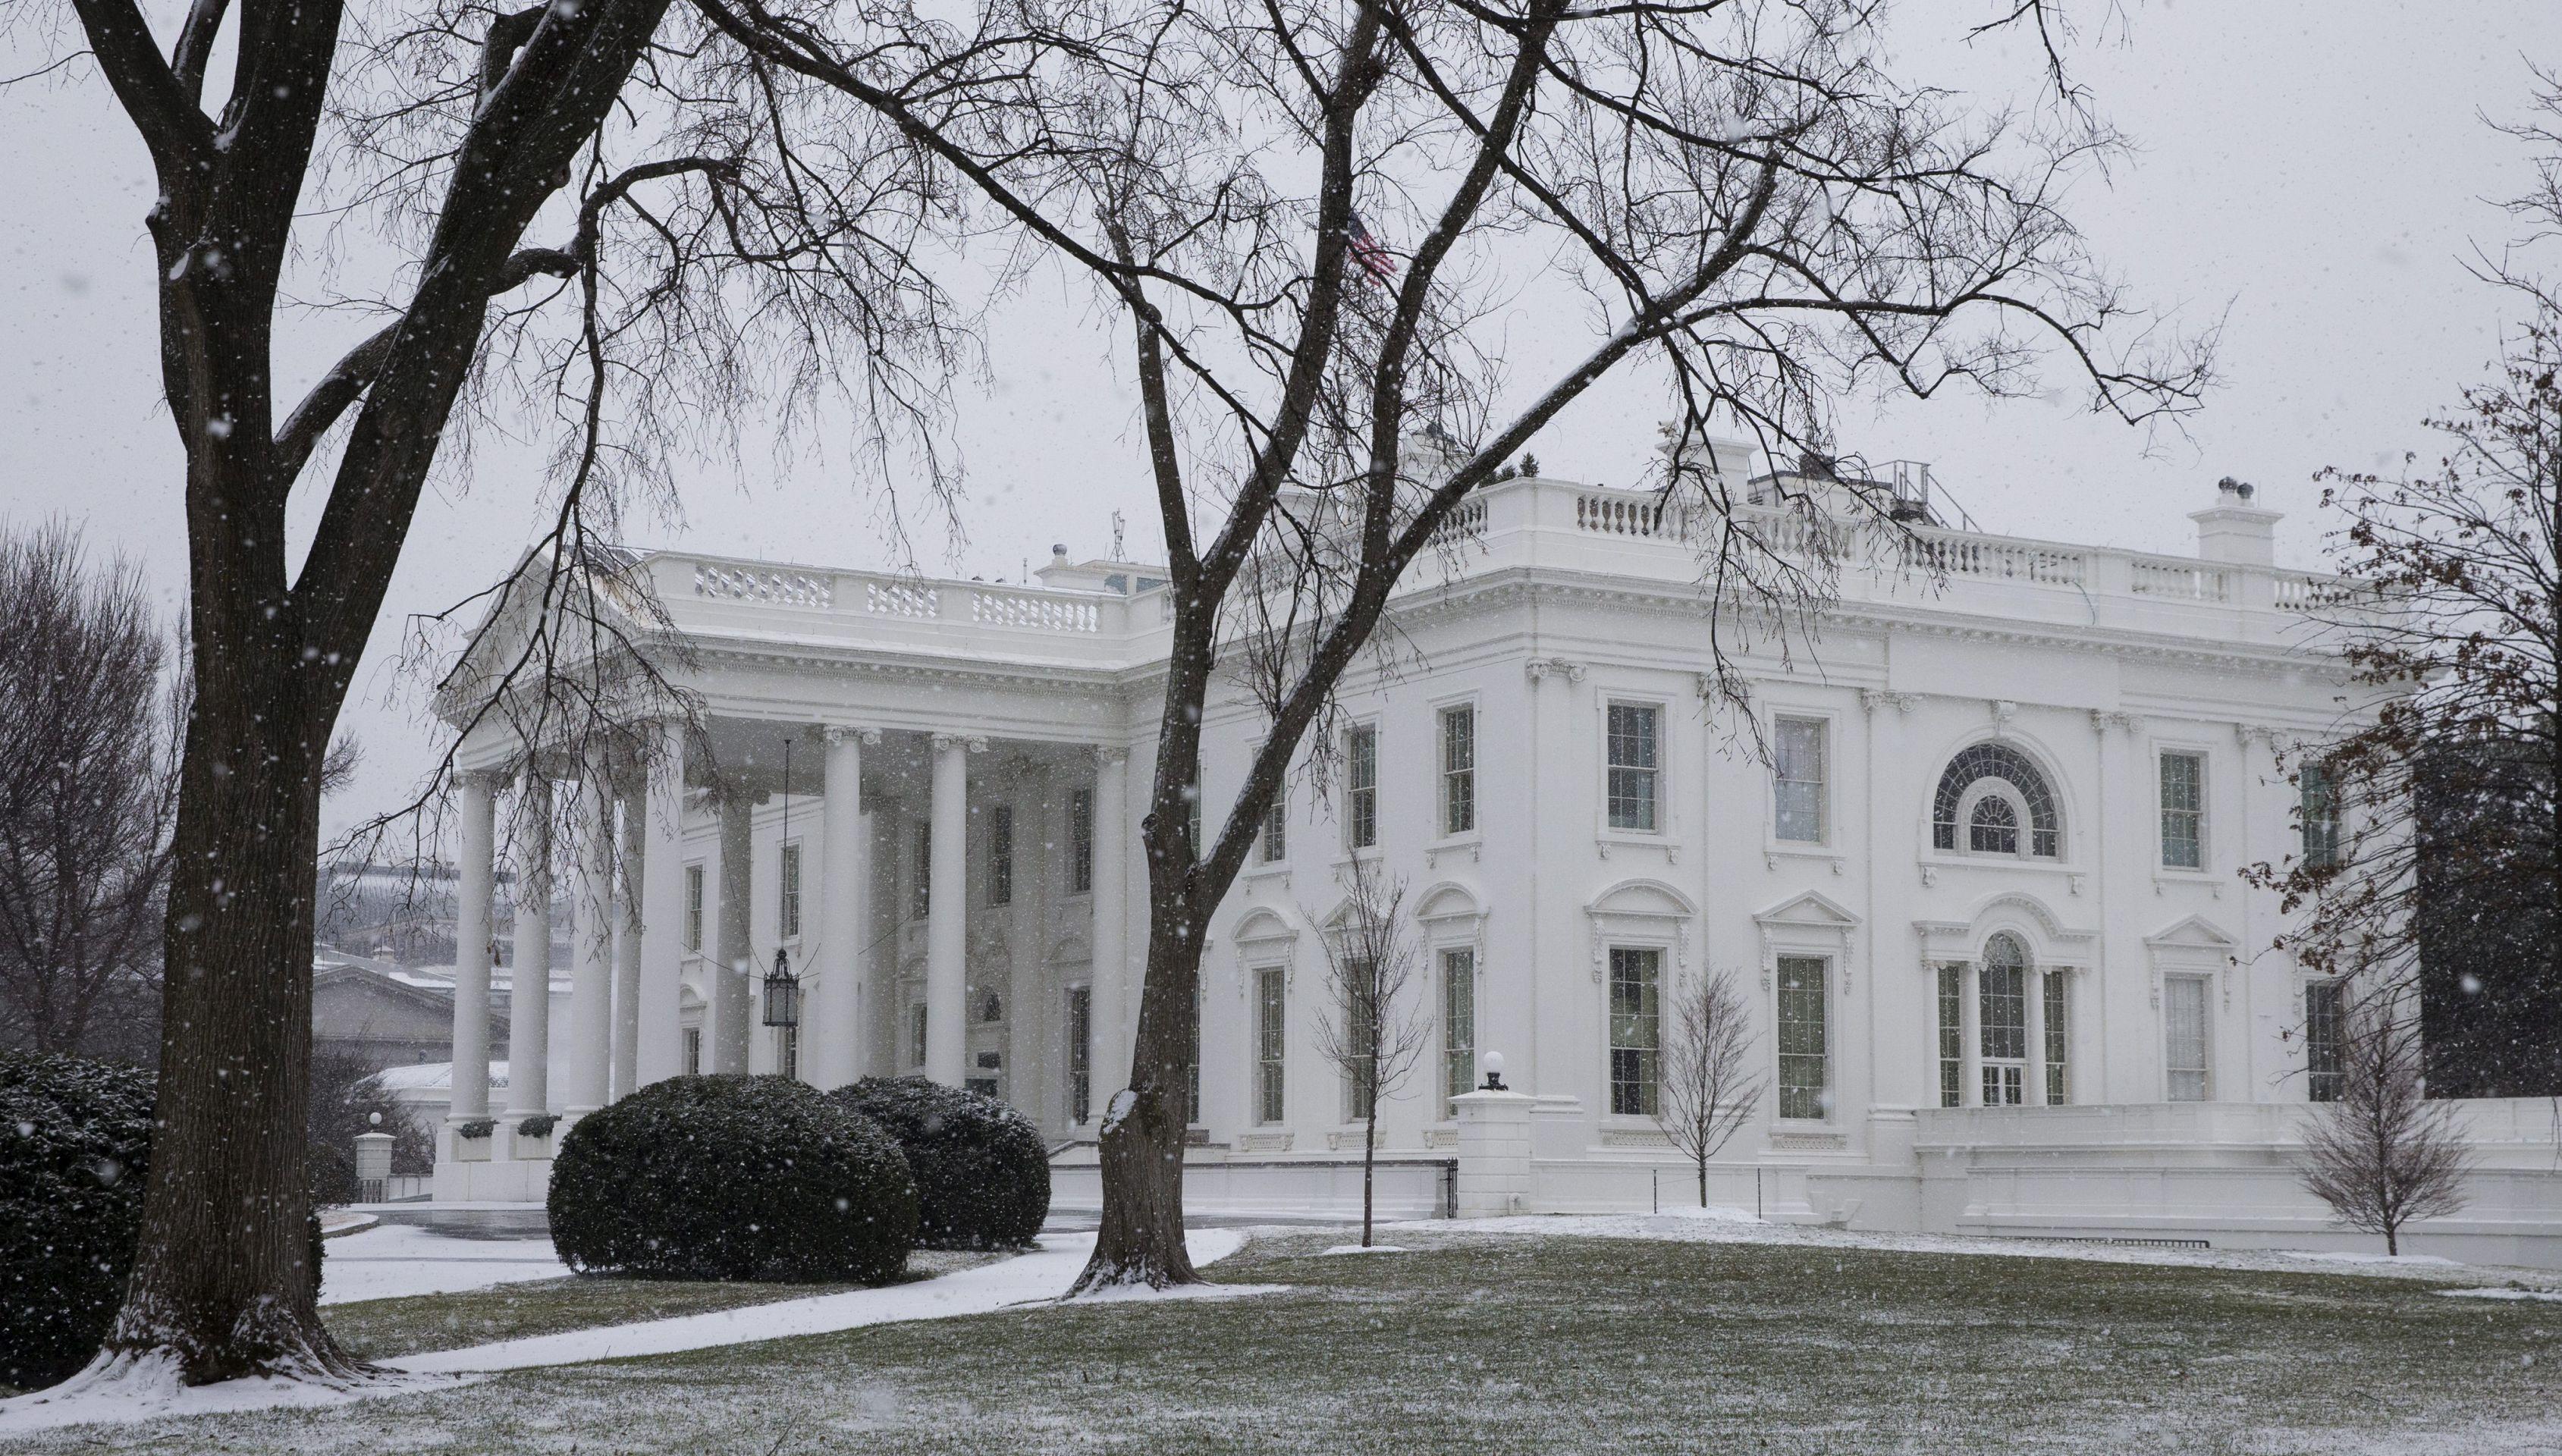 Washington želi međunarodne pregovore o Jemenu